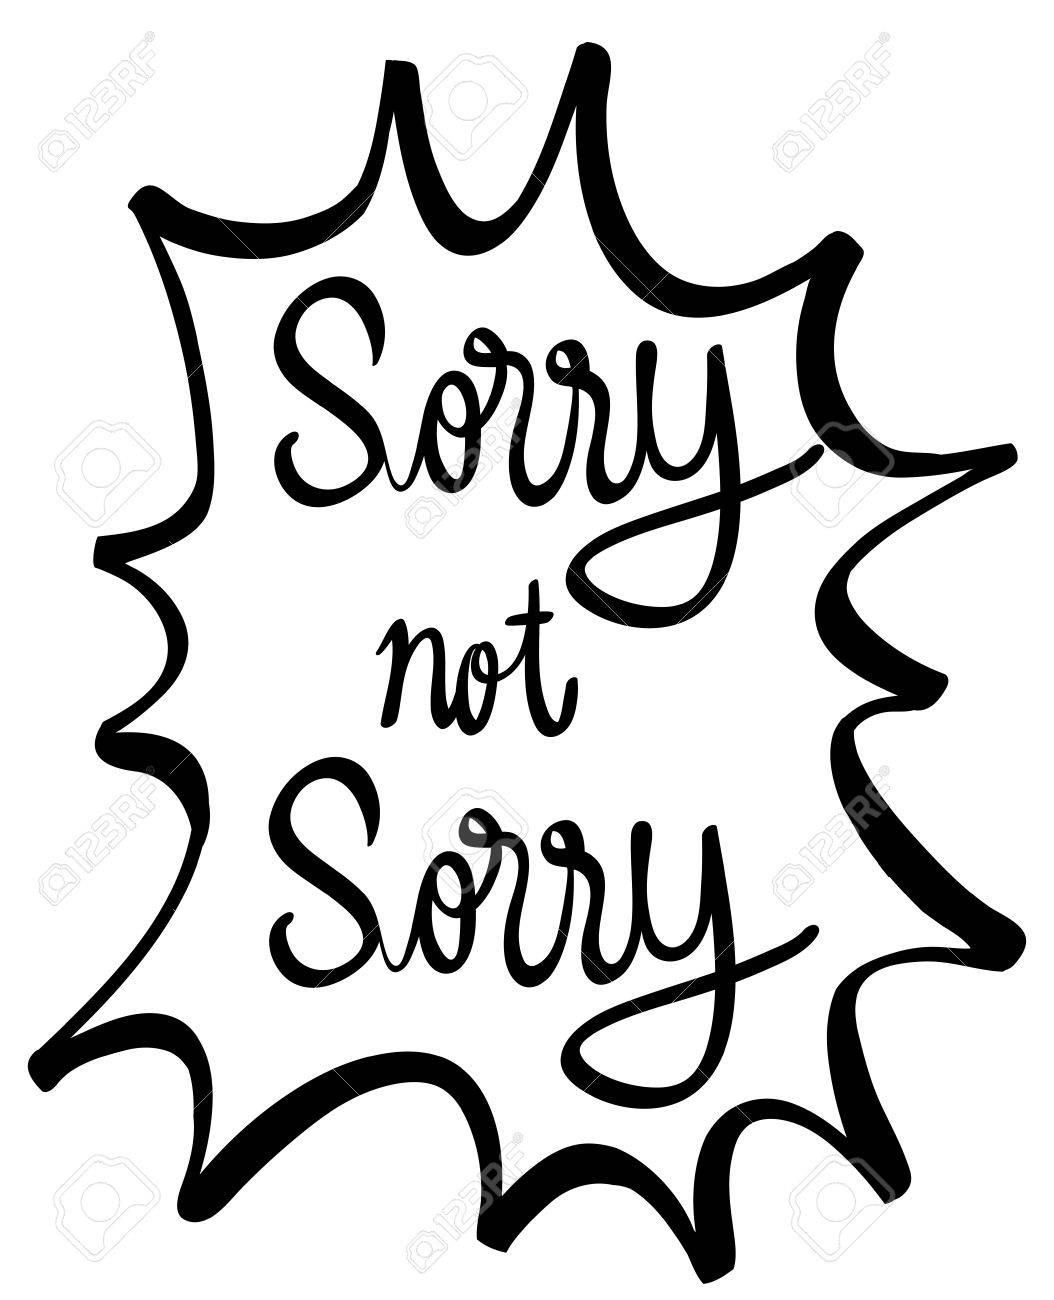 申し訳ありませんが申し訳ありませんはイラストの単語式のイラスト素材